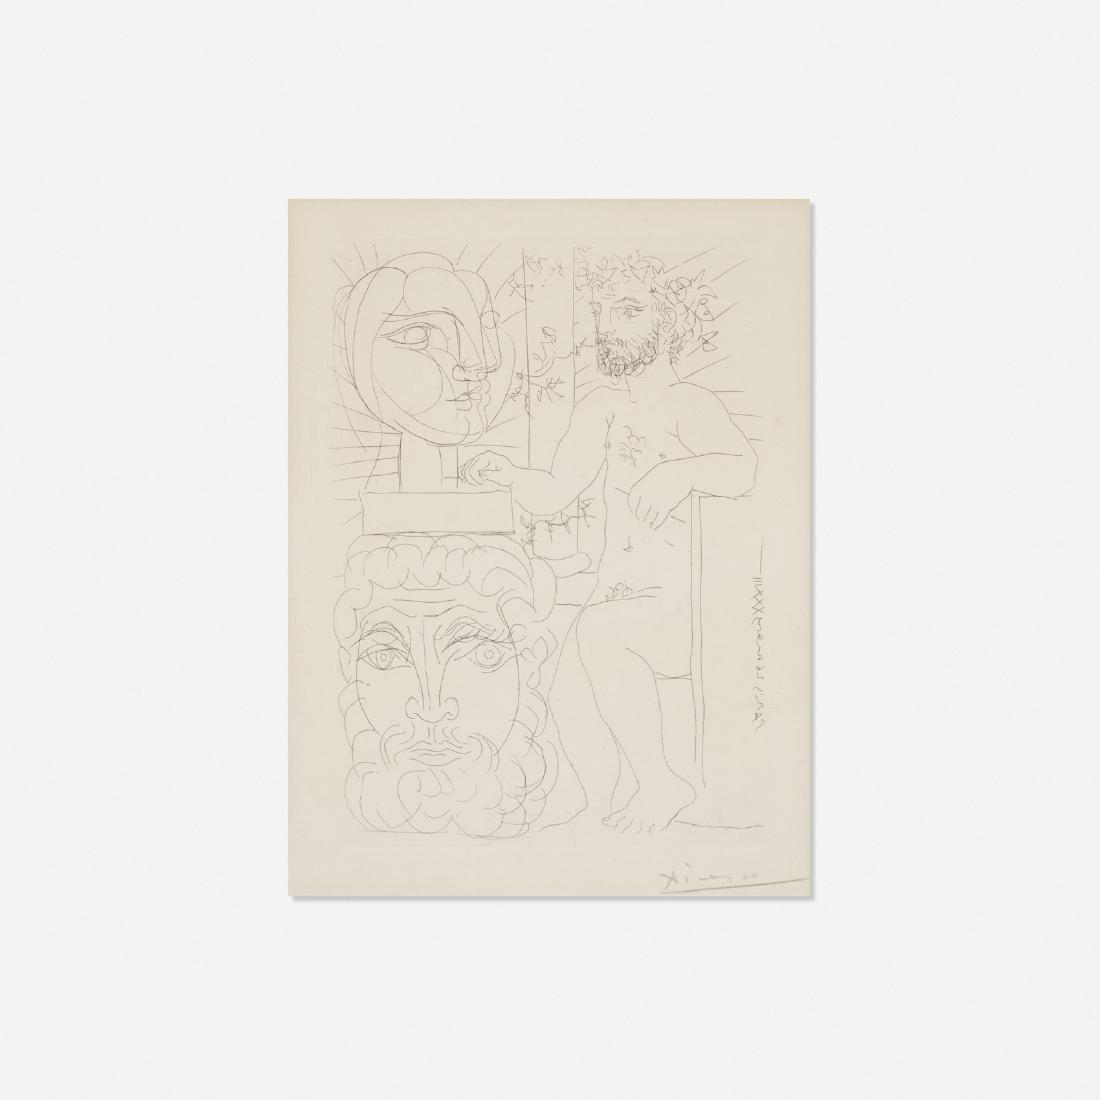 Pablo Picasso, Sculpteur et Deux Tetes sculptees